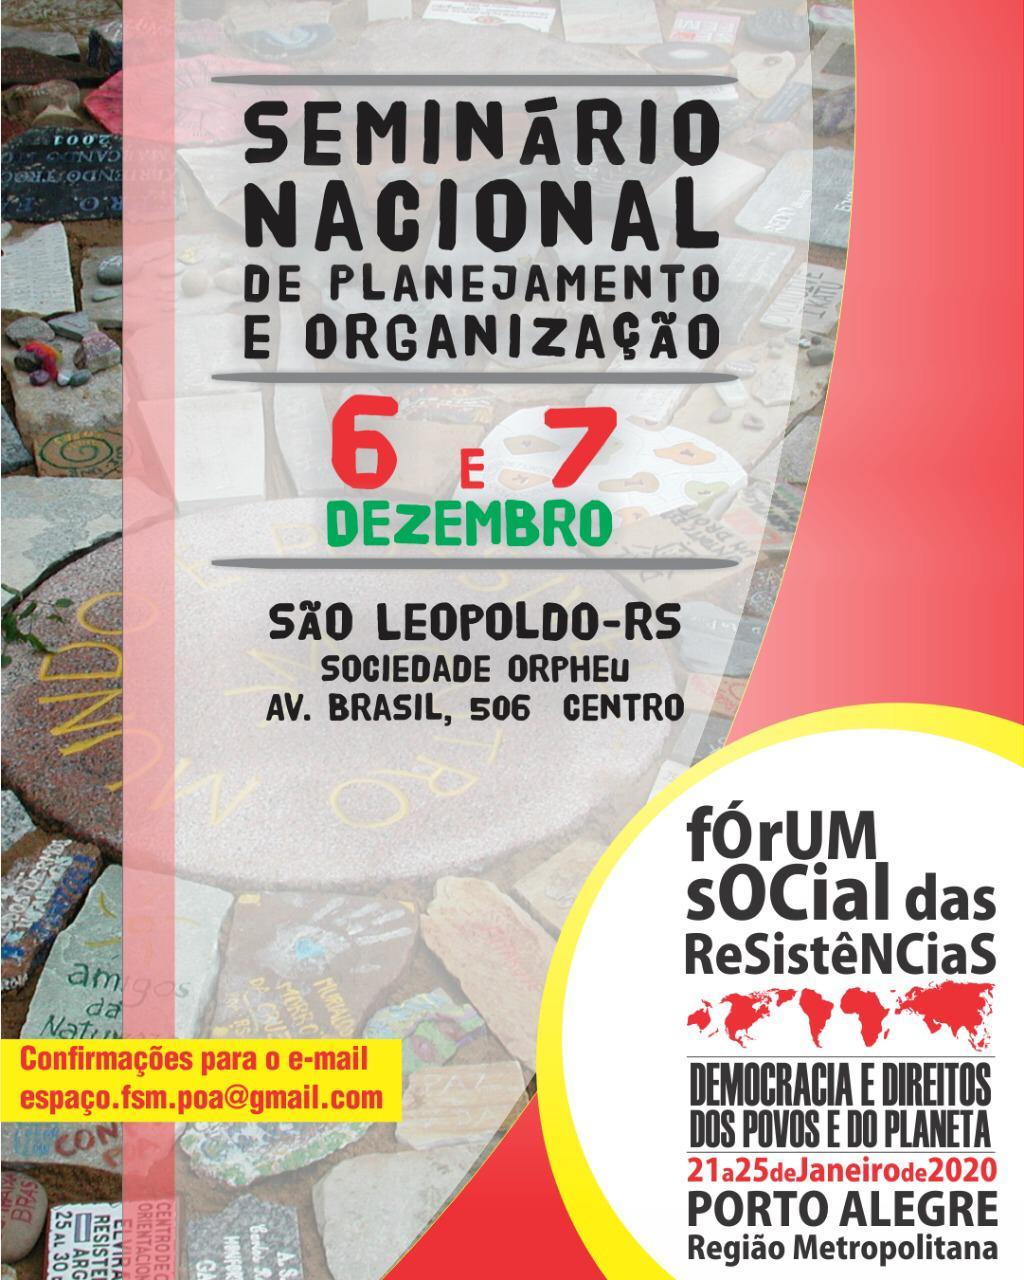 Seminário Nacional de Planejamento e Organização